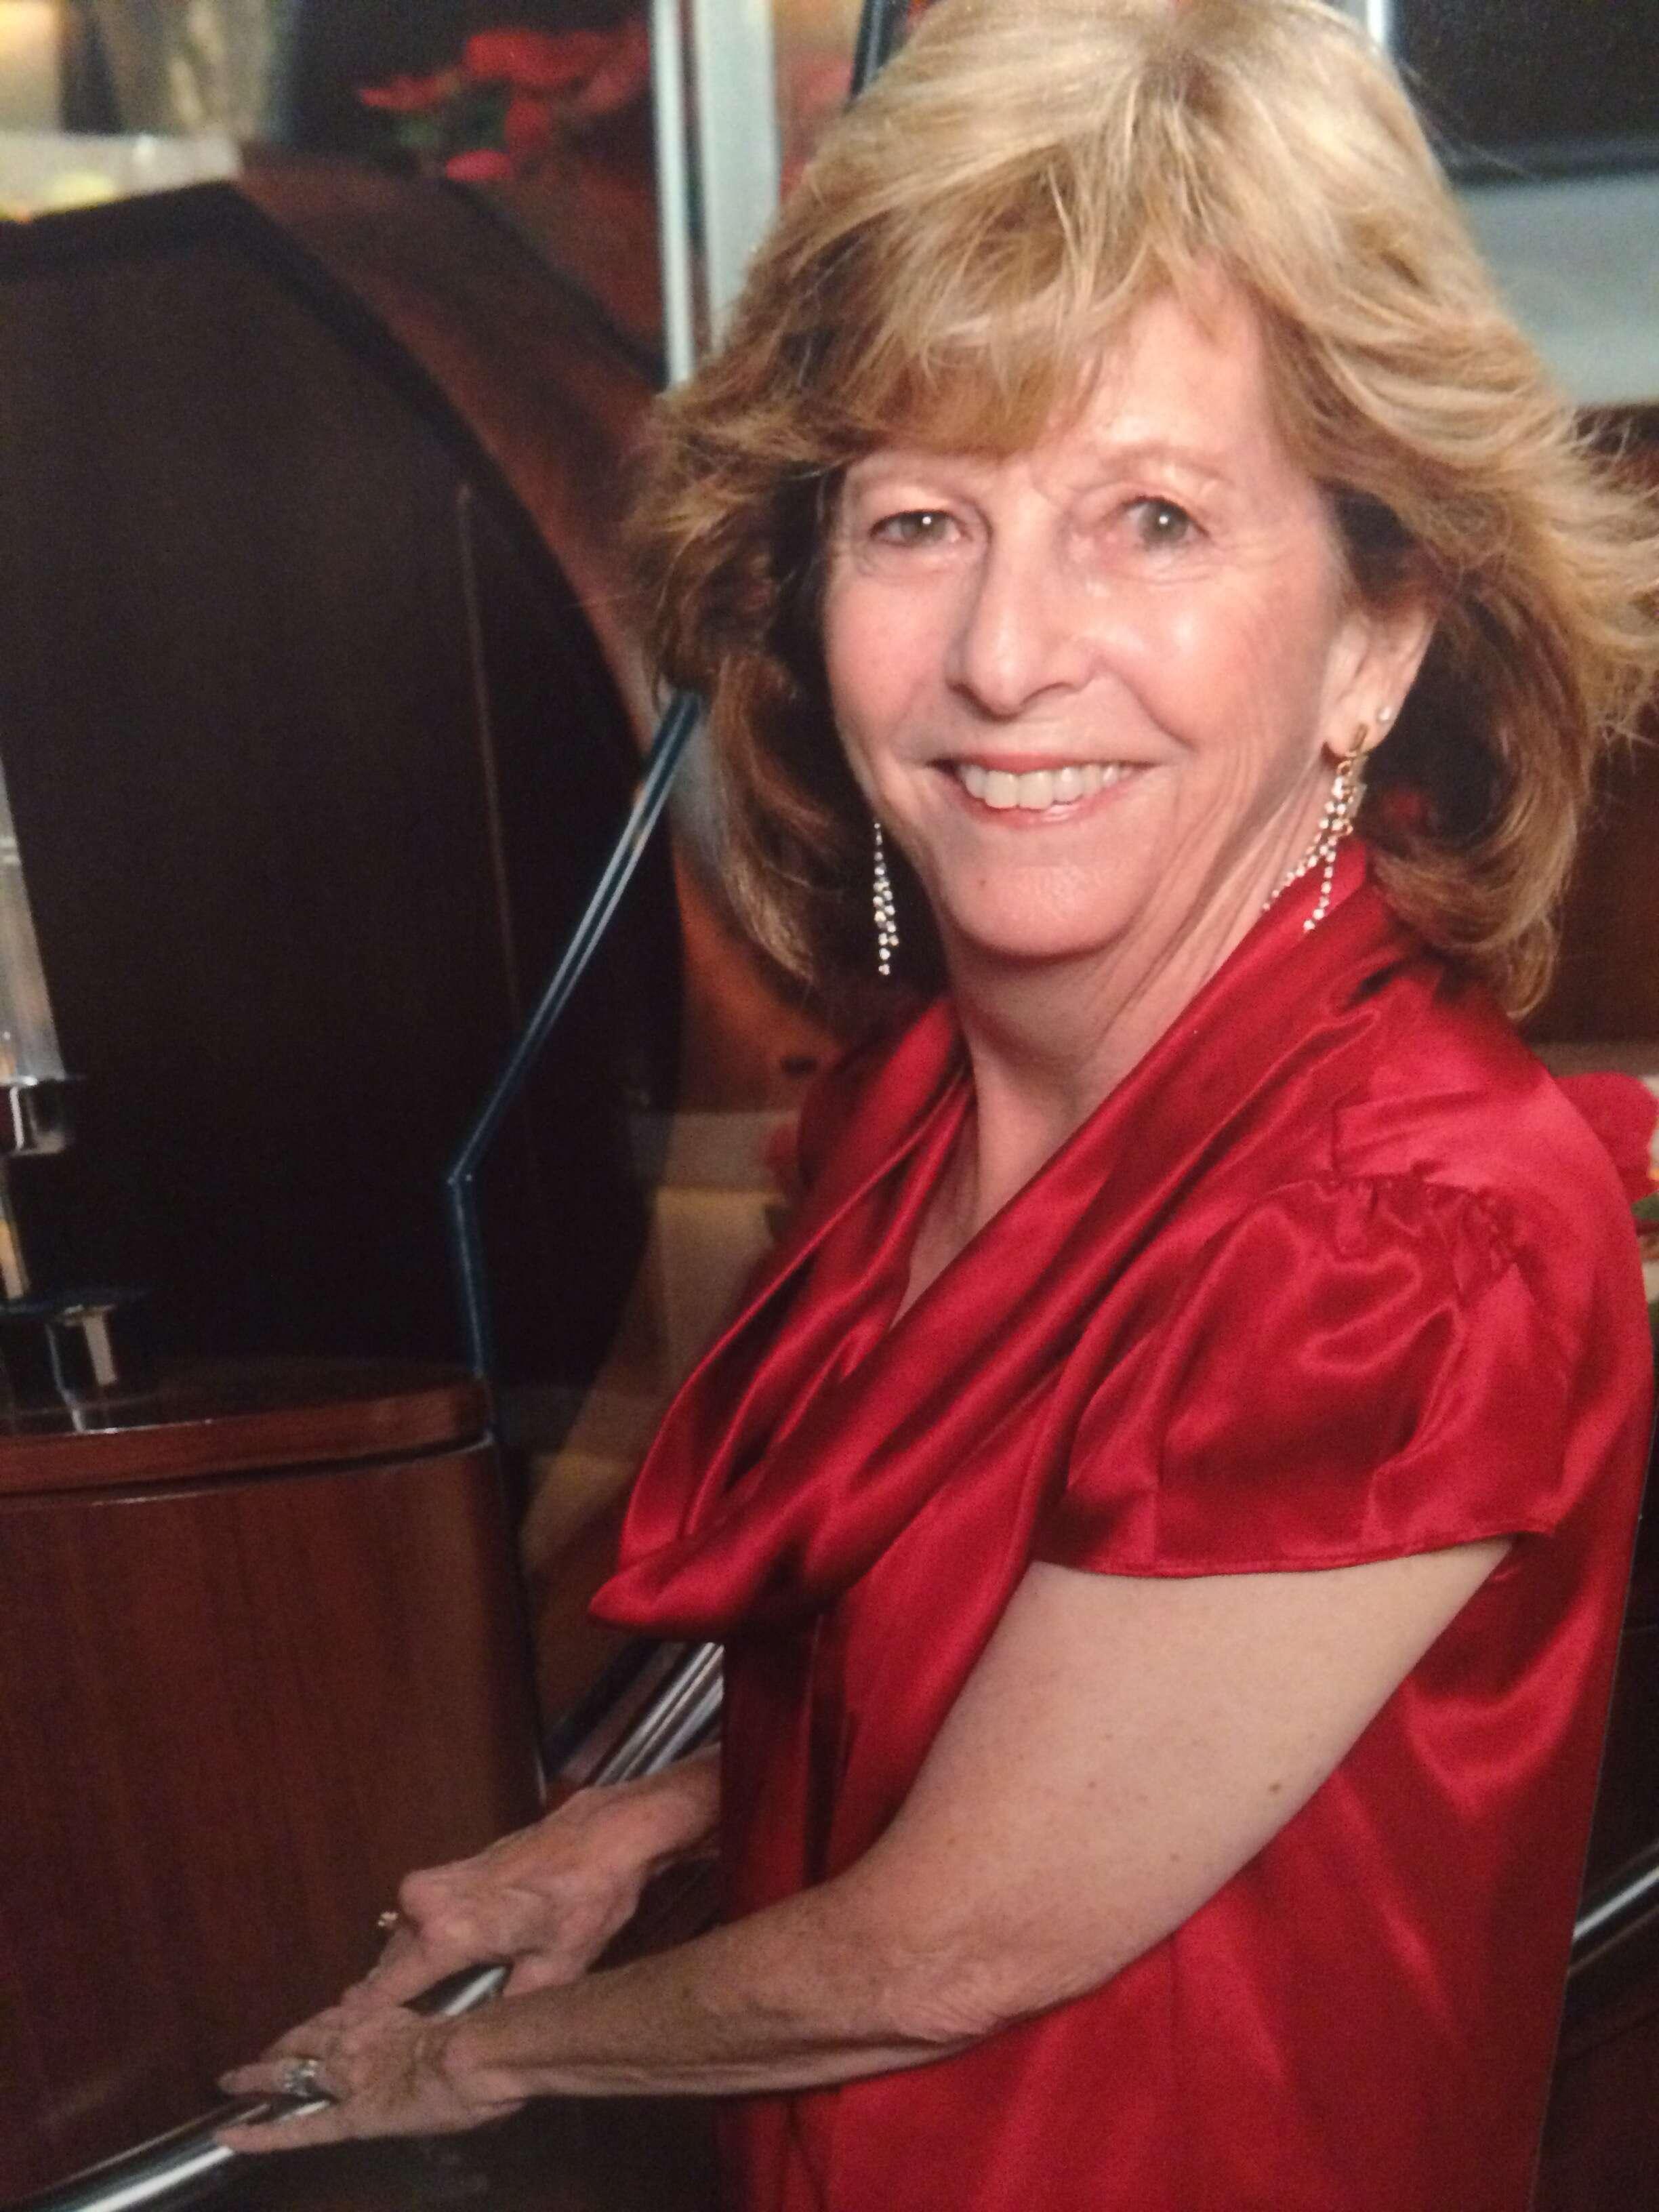 Travel agent Carolyn Makin